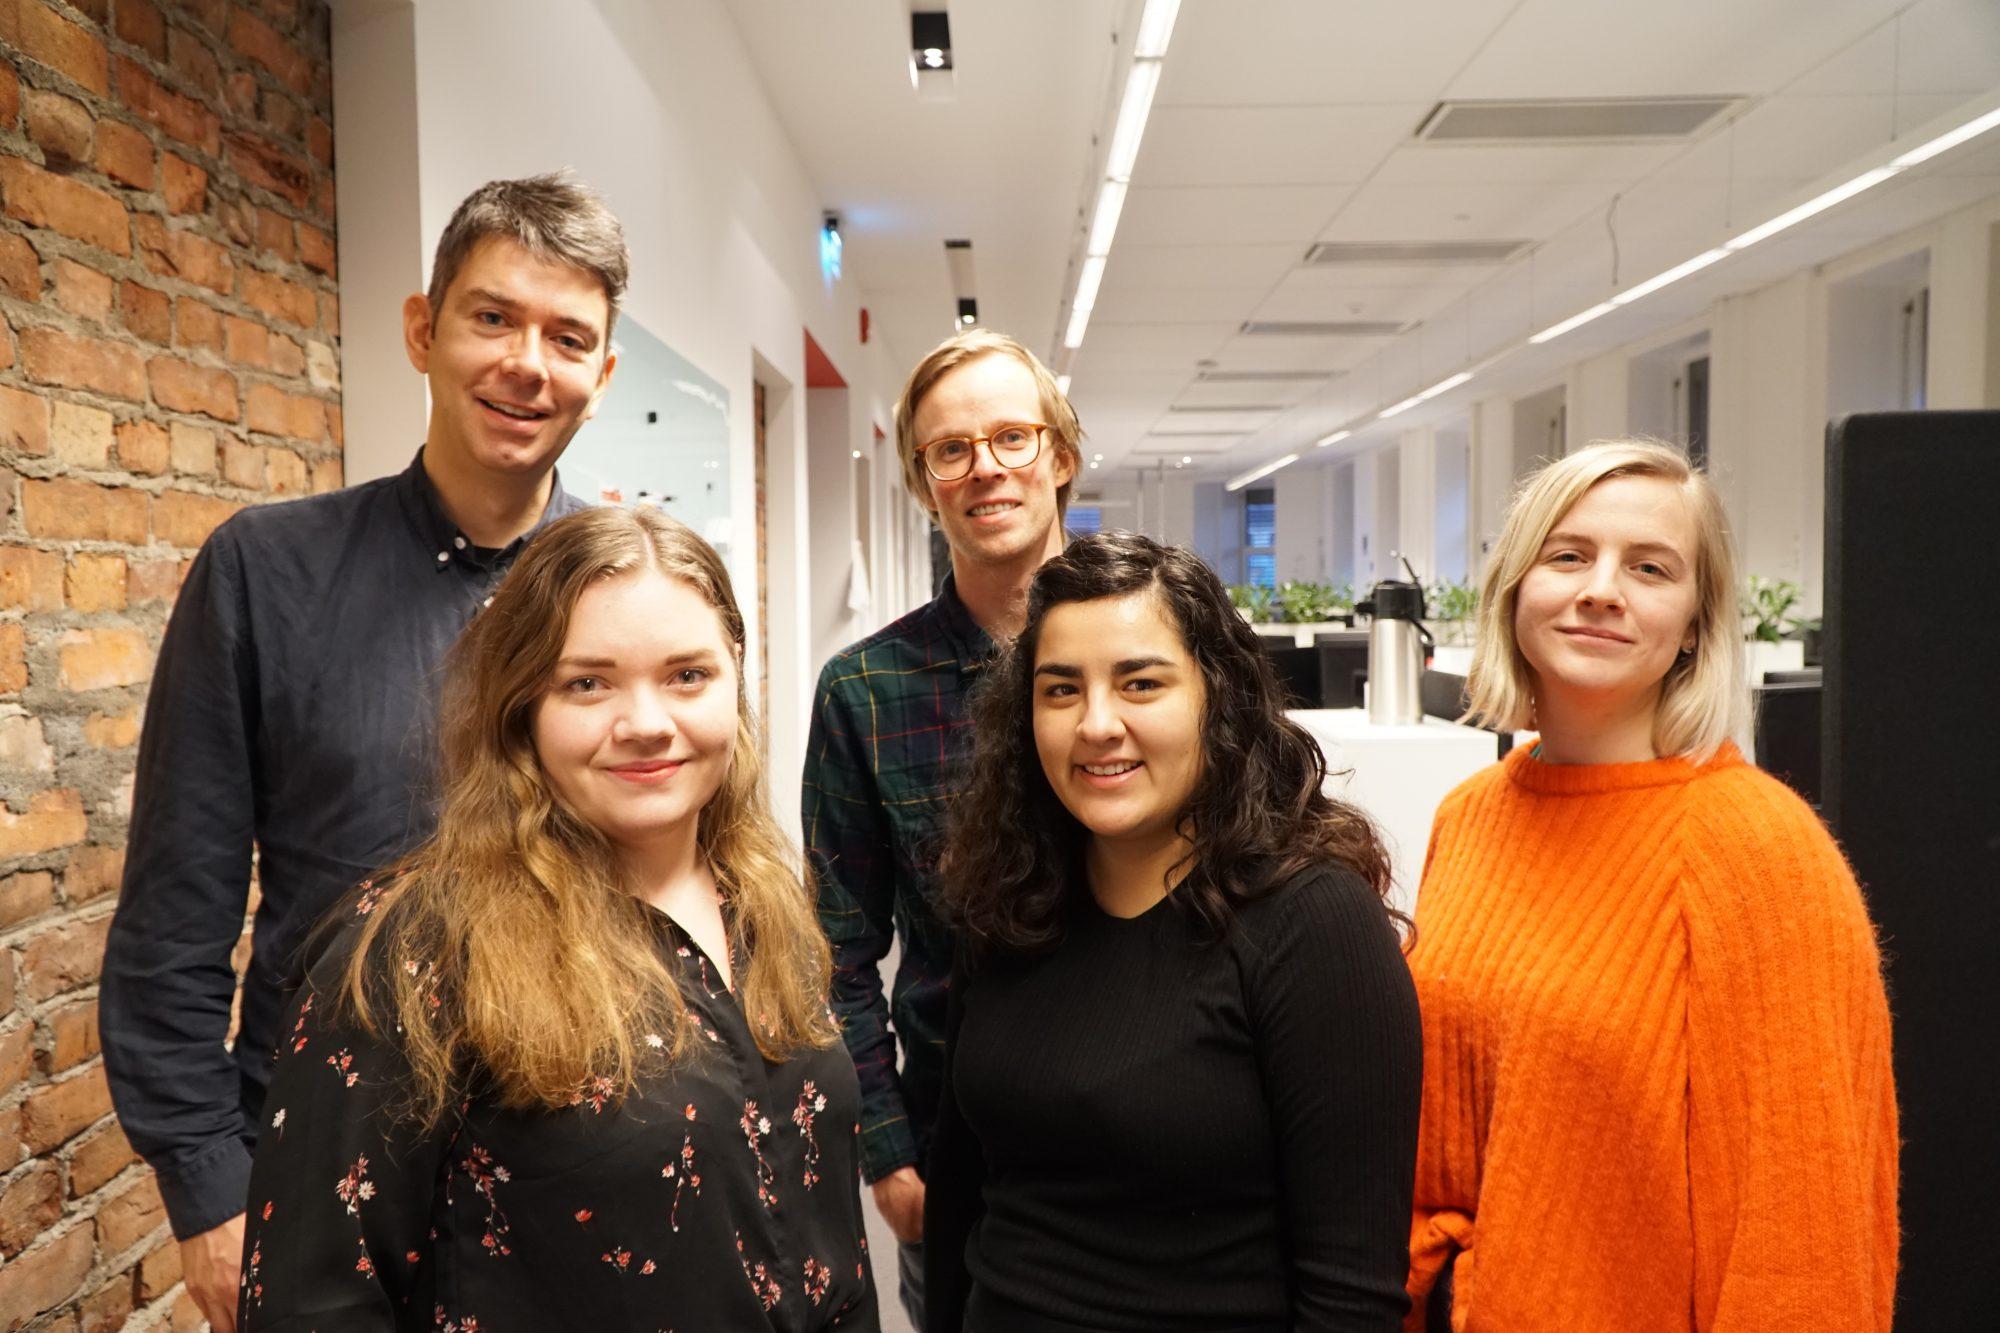 Framtida.no-redaksjonen (for tida på heimekontor kvar for seg): Svein Olav B. Langåker, Christian Wiik Gjerde, Bente Kjøllesdal, Ingvild Eide Leirfall og Andrea Rygg Nøttveit.